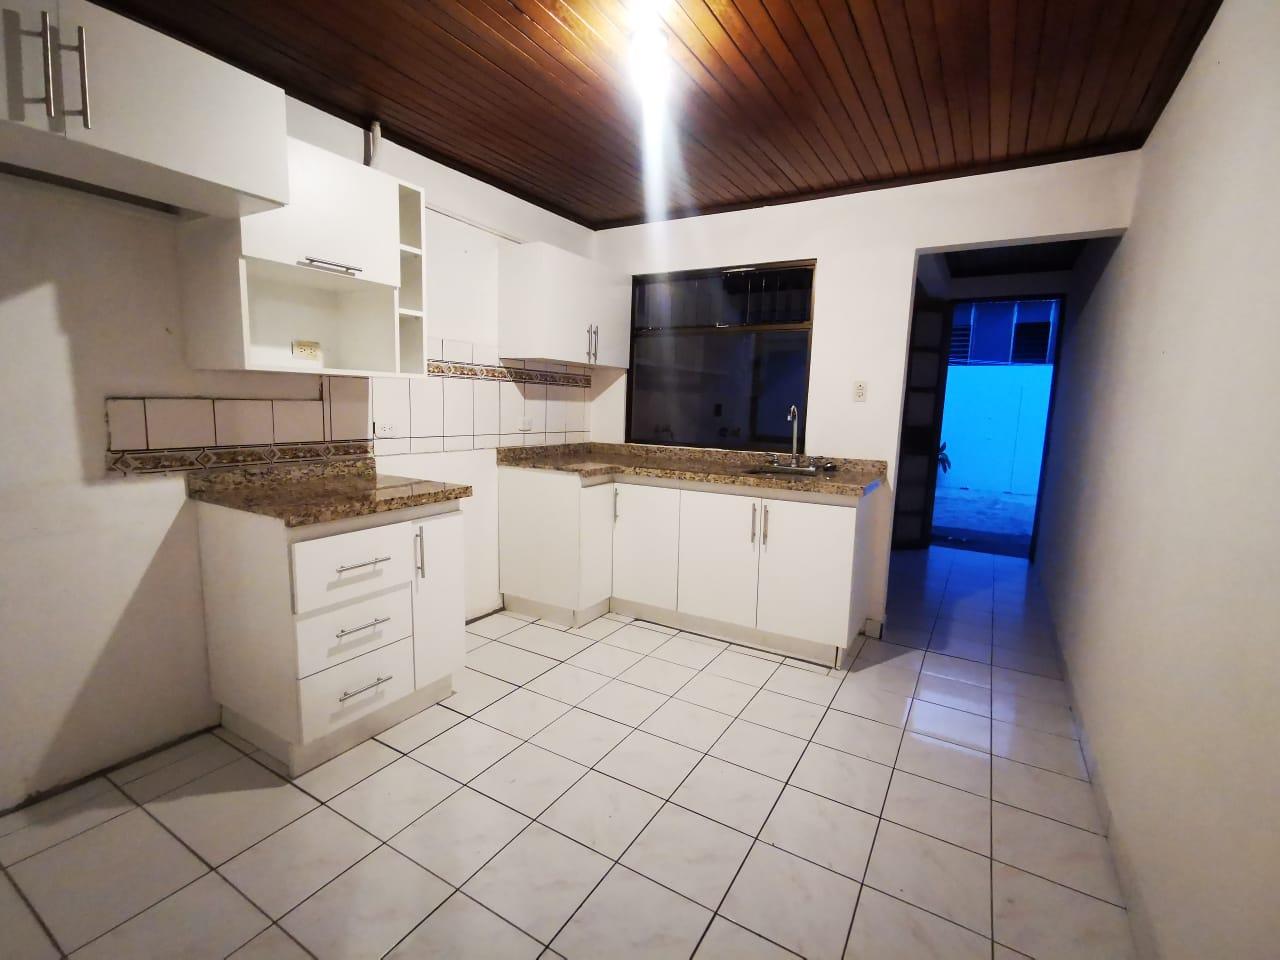 801  Se Vende Propiedad para desarrollo de apartamentos  en La Uruca